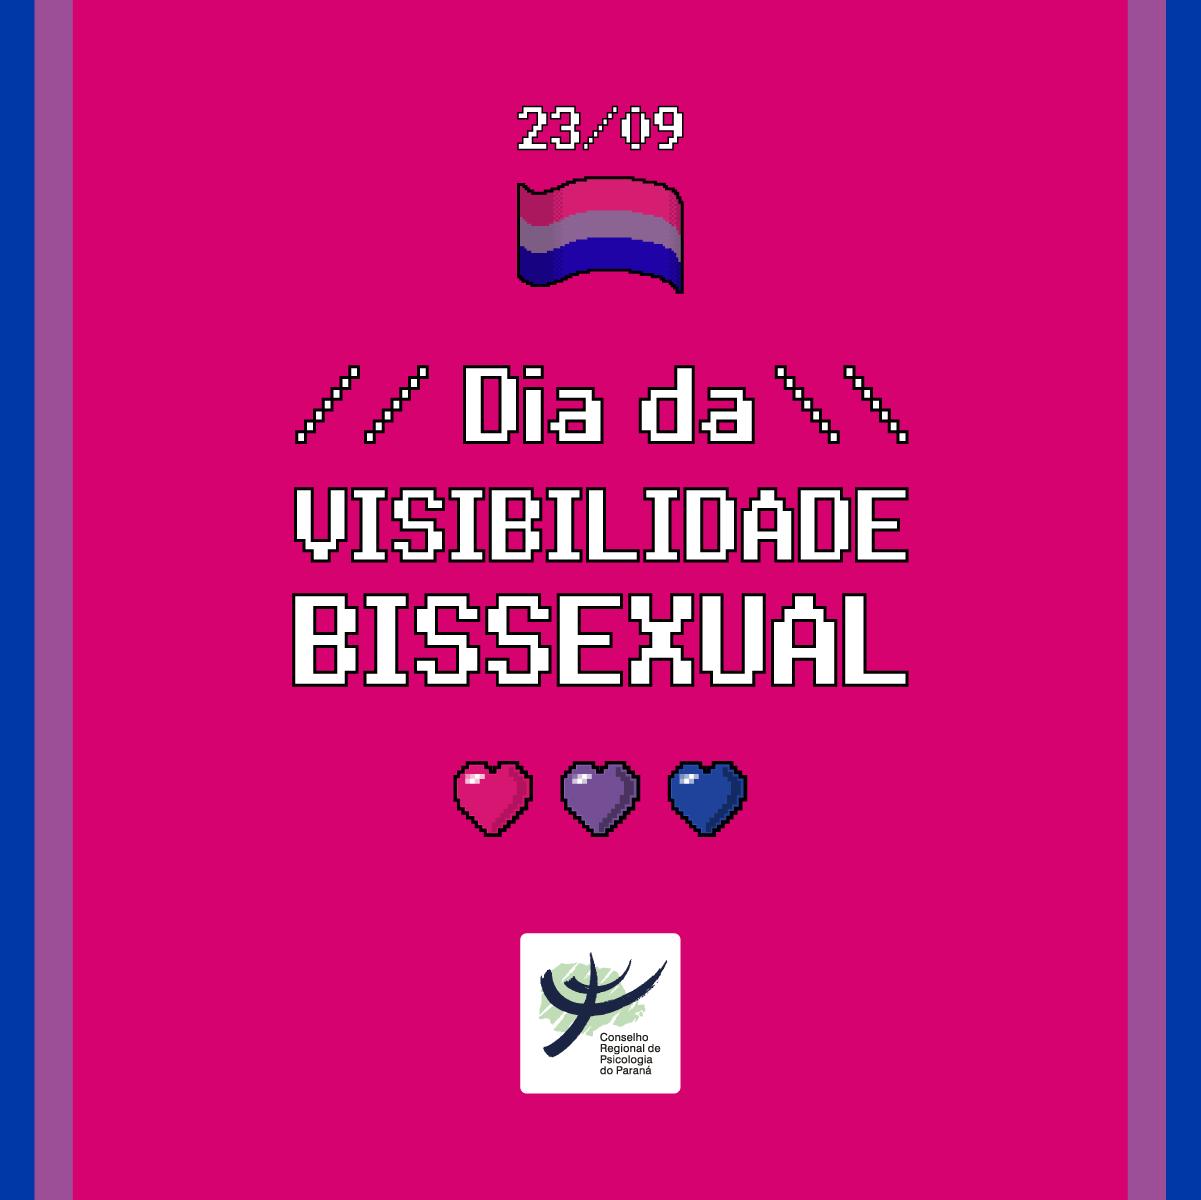 Em vídeo sobre Dia da Visibilidade Bissexual, Diverges traz recomendações a Psicólogas(os)